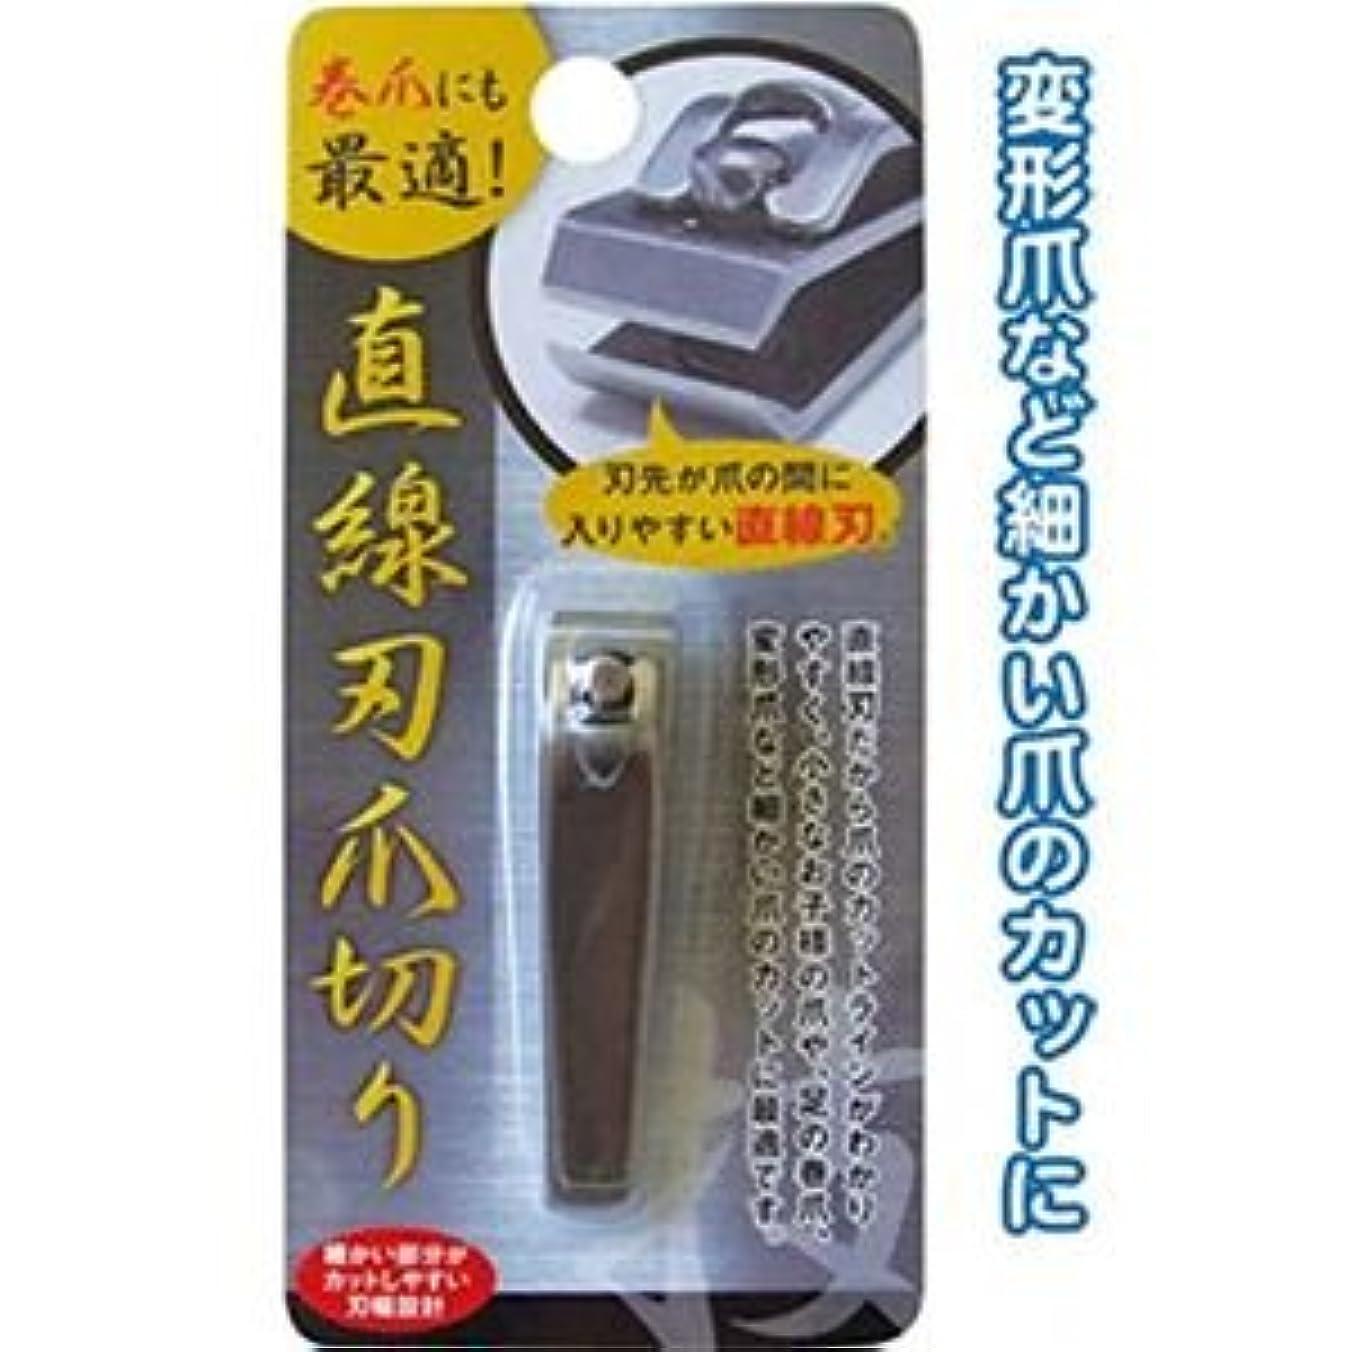 ポイントピニオンハードウェア巻爪にも最適!直線刃ステンレス爪切り 【12個セット】 18-601